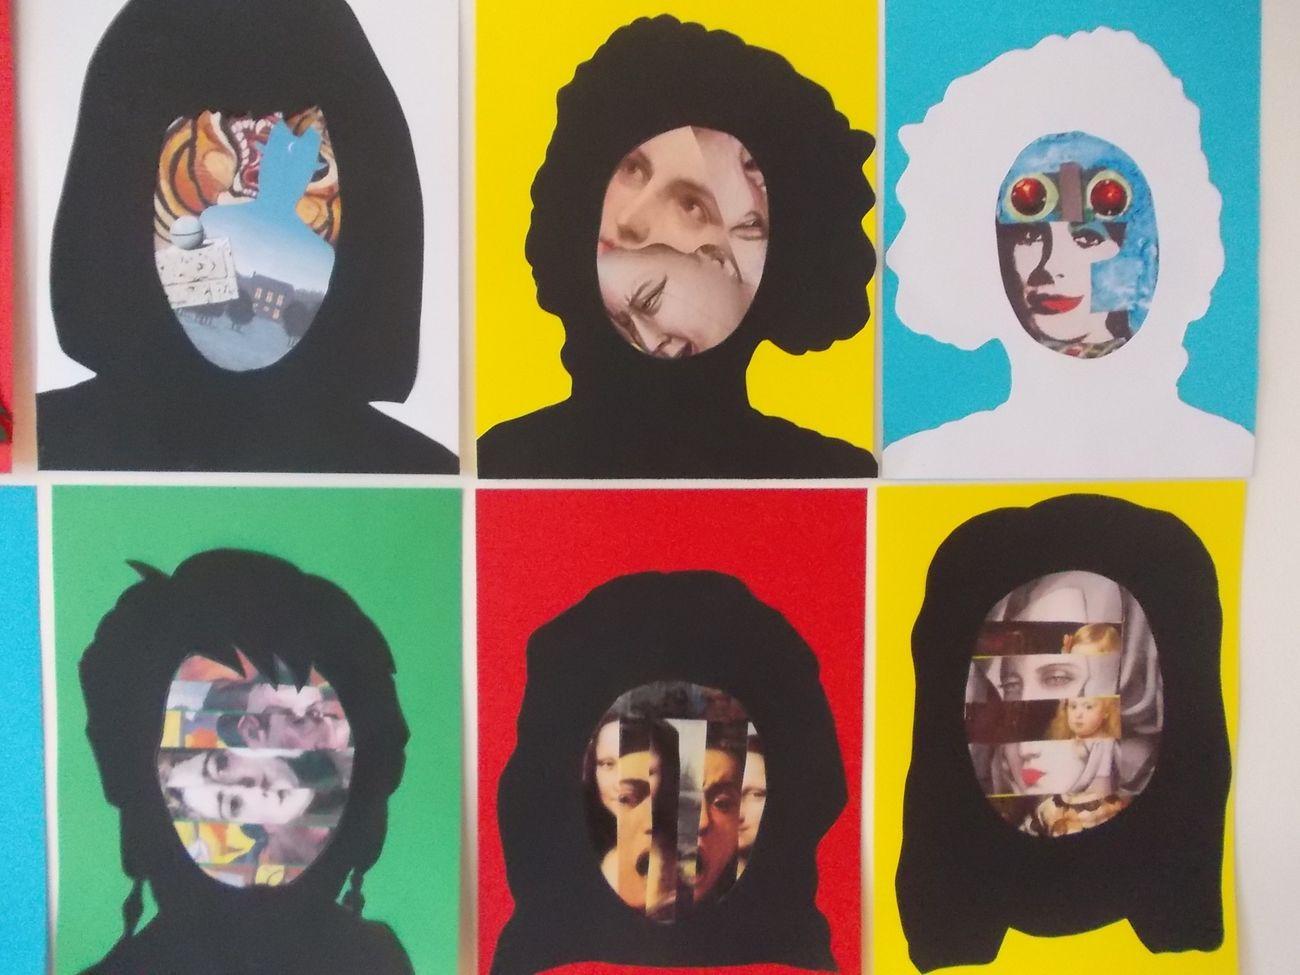 Facce d'arte, laboratorio sull'identità svolto con ragazzi della scuola media di Fiorano modenese © Archivio immagini Edizioni Artebambini